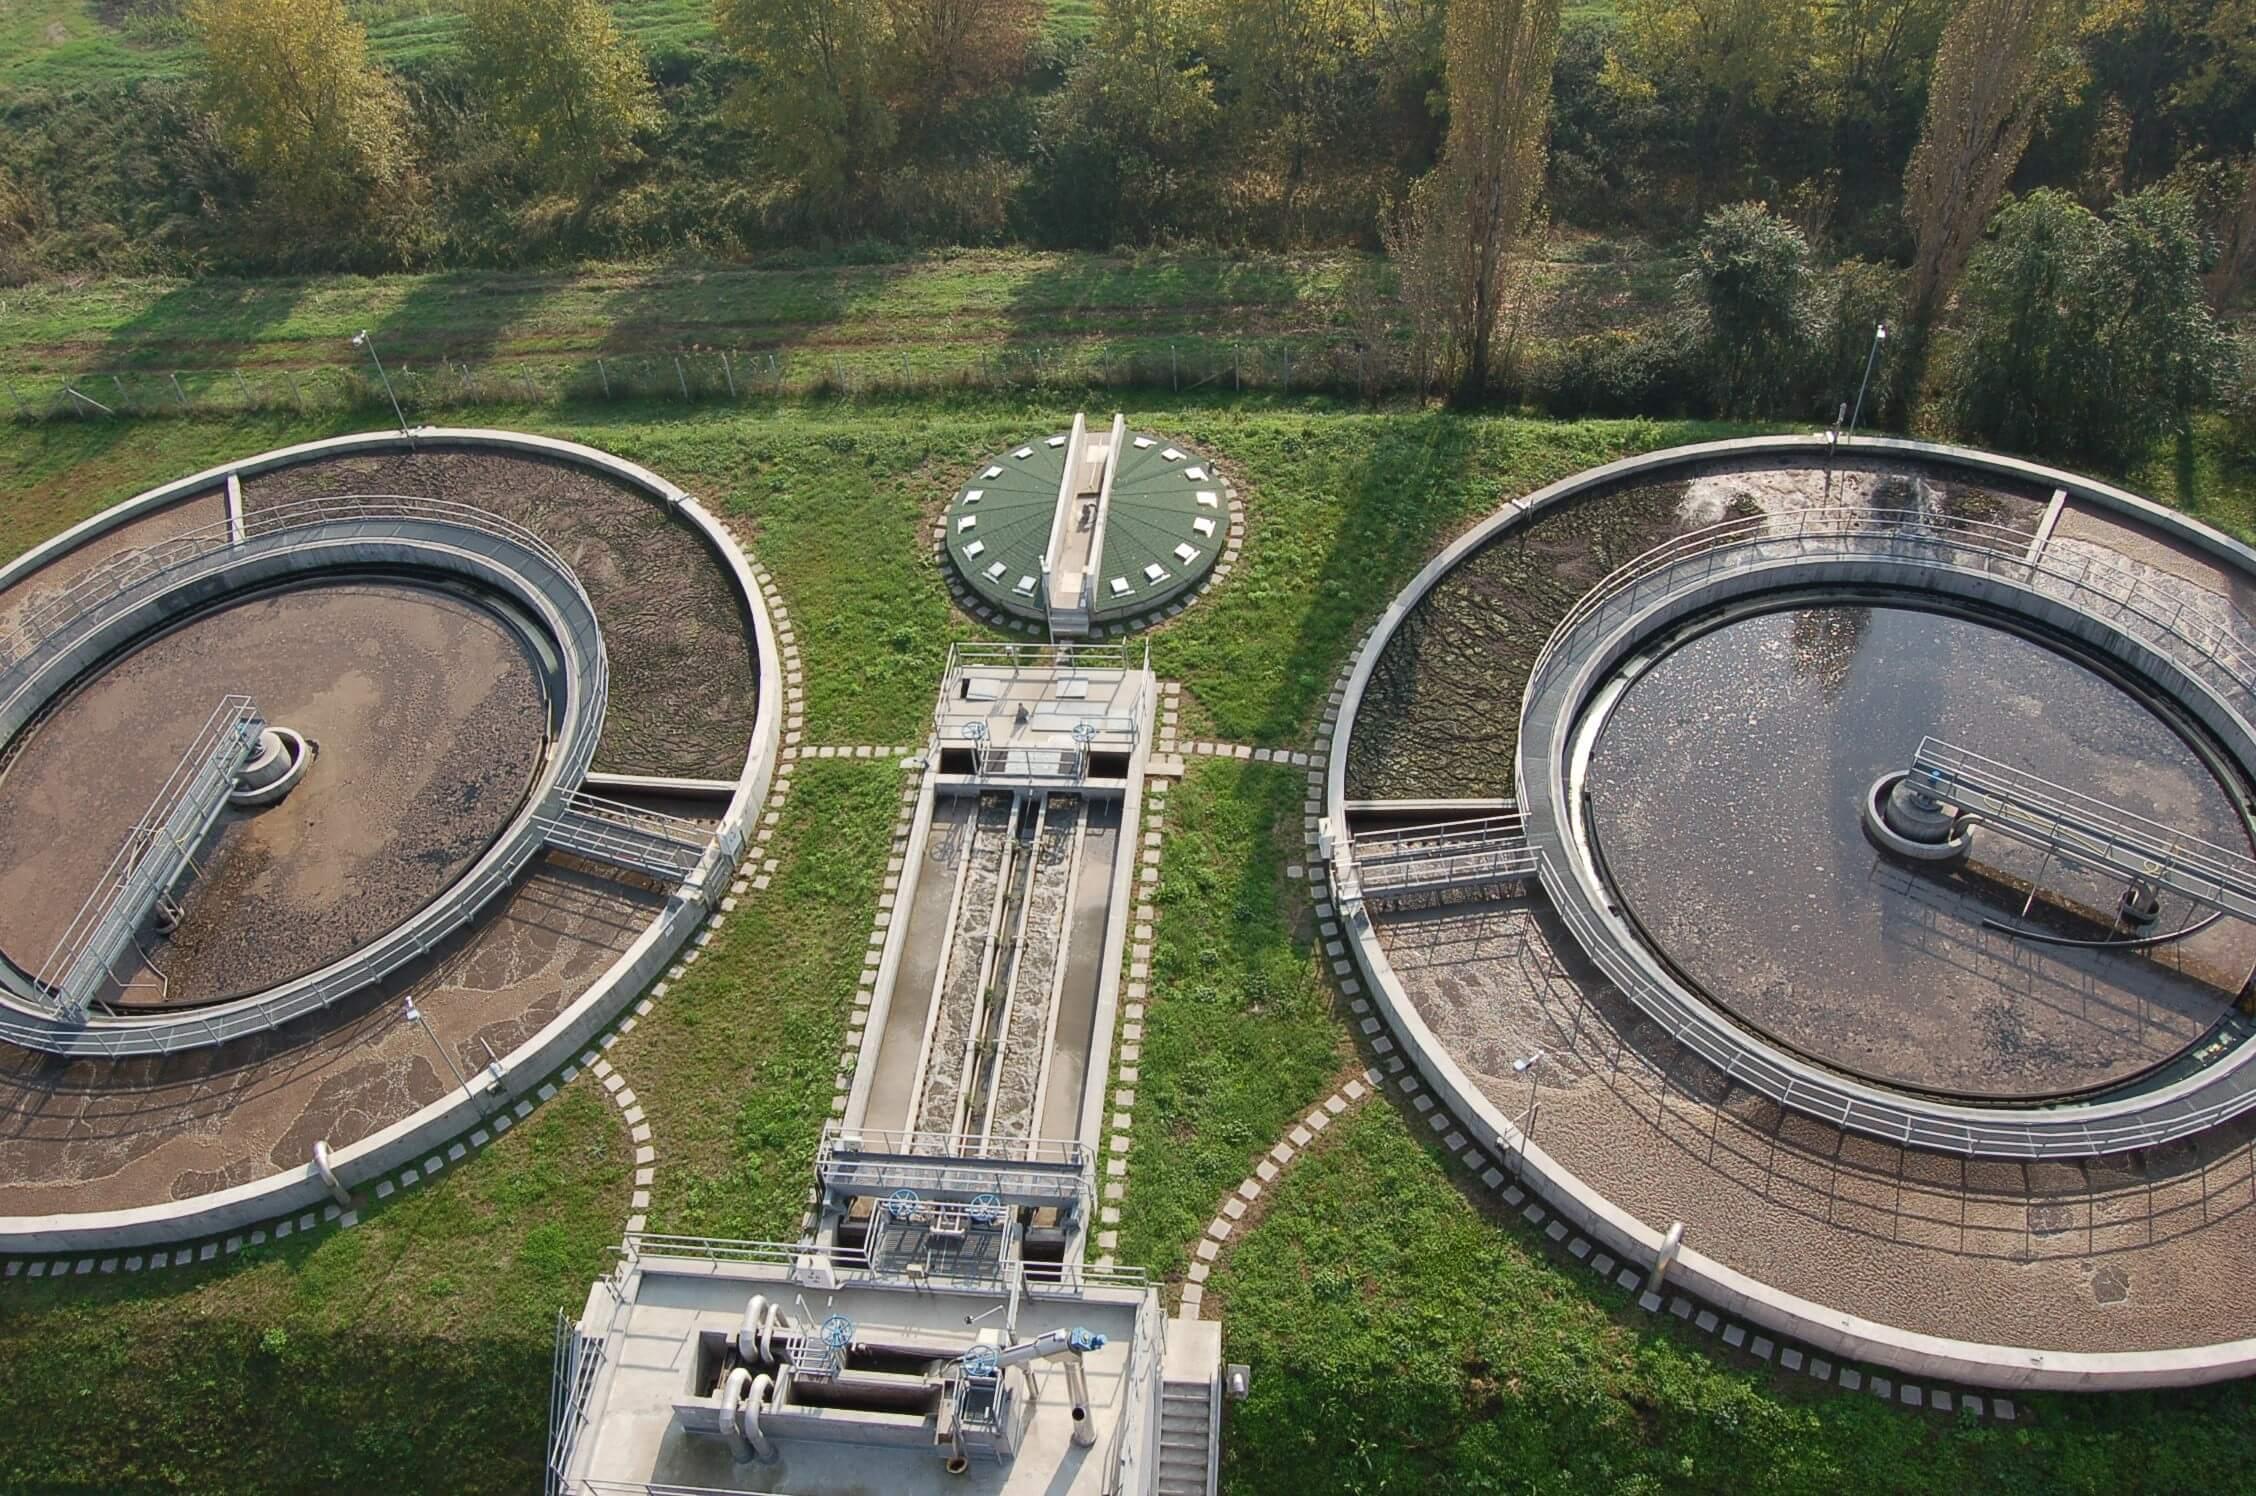 Többmilliárdos közműfejlesztést végez el a Euroaszfalt és a Betonútépítő